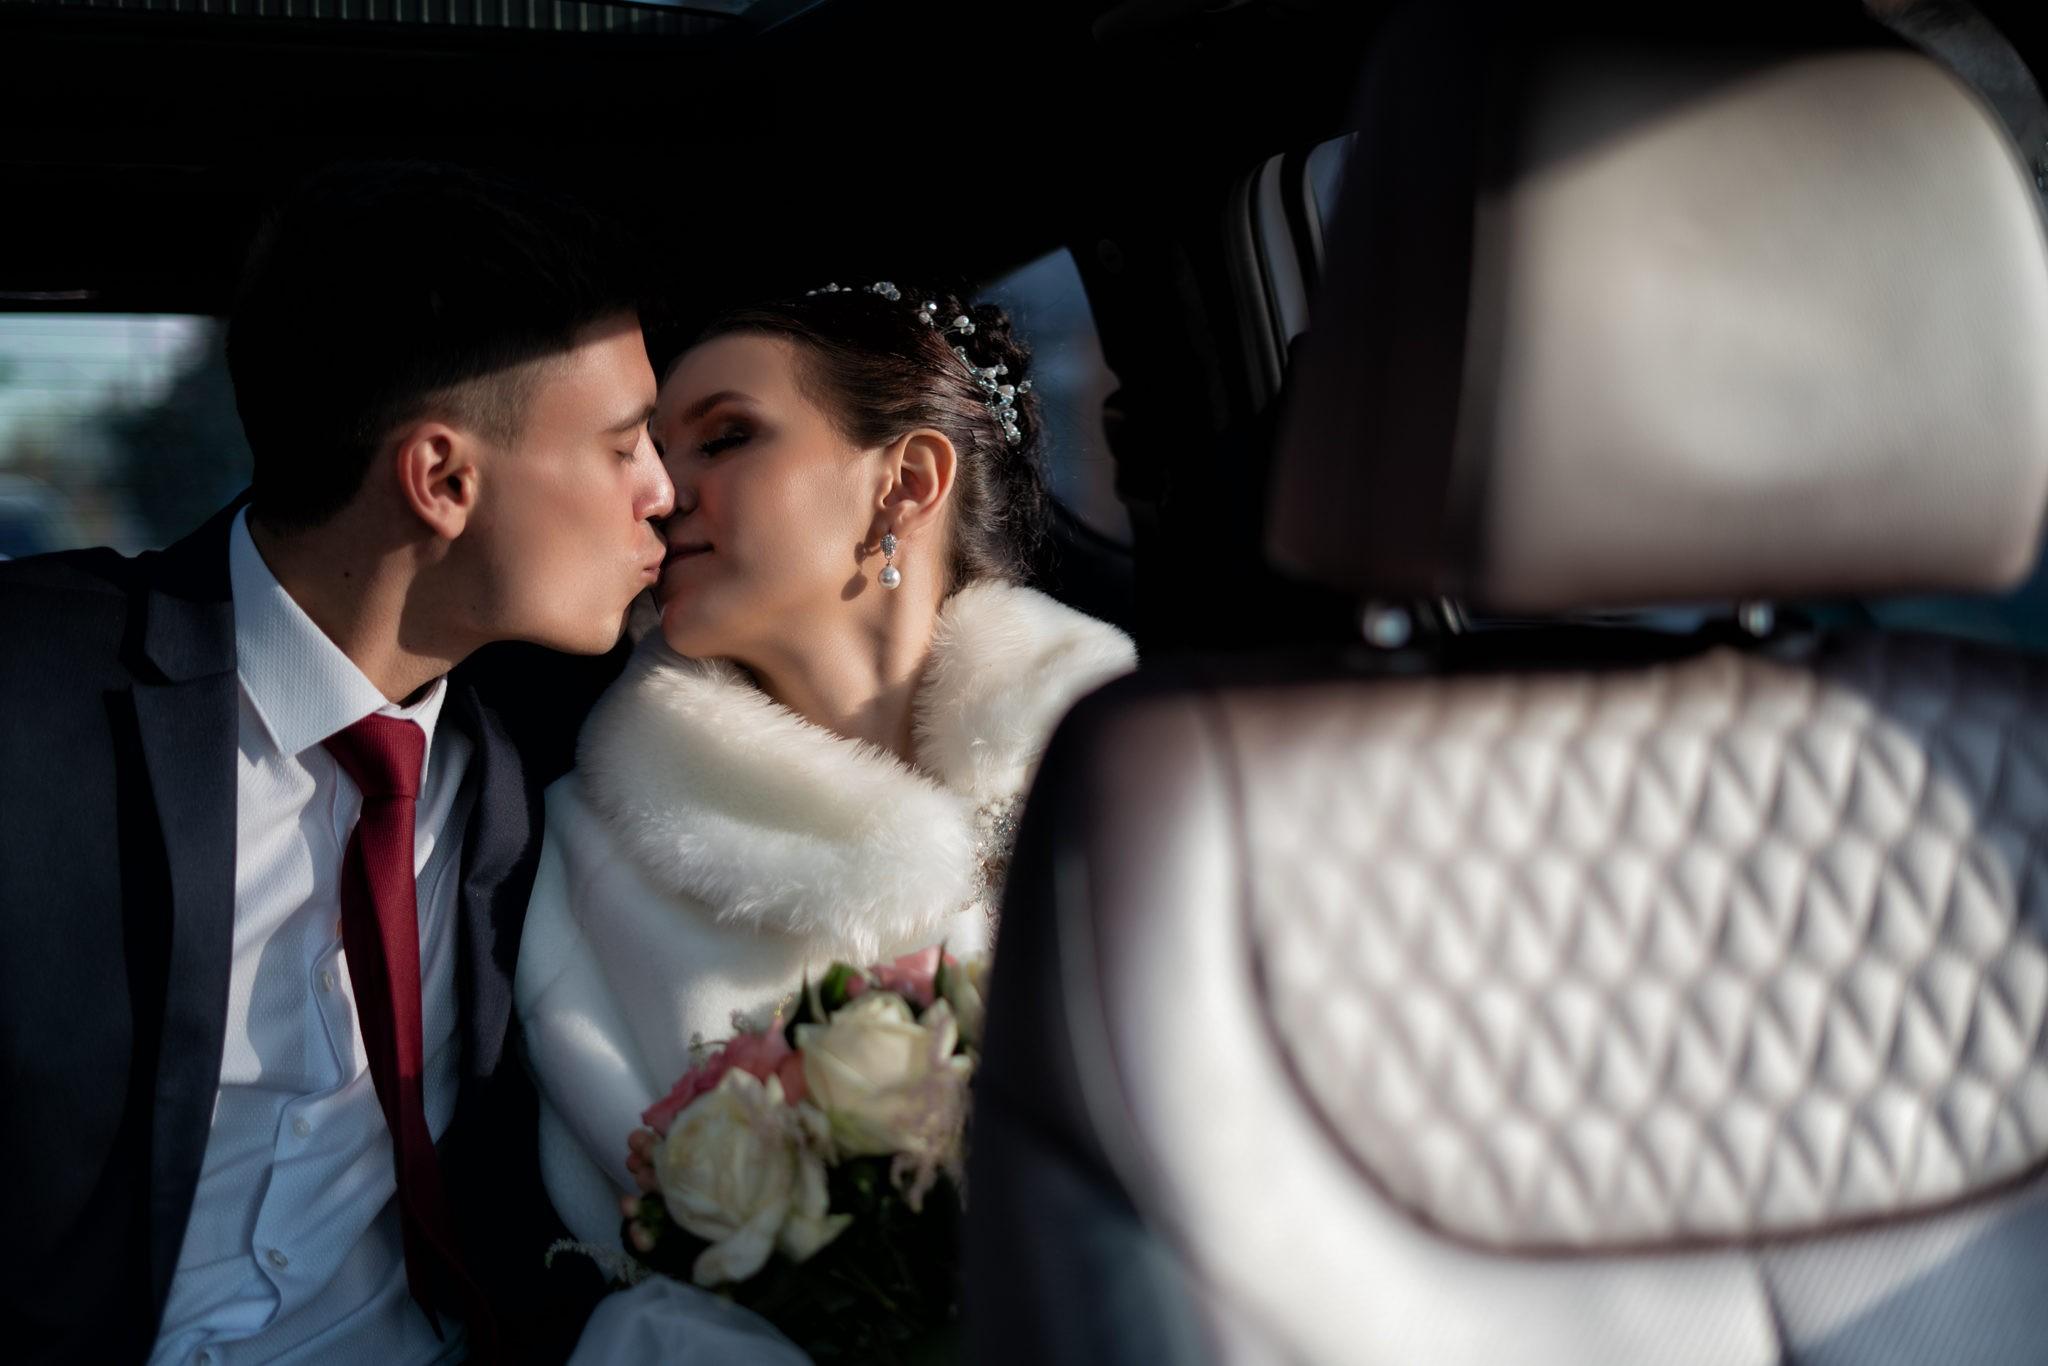 Свадебная фотосъемка от краснодарского свадебного фотографа в машине жениха и невесты после ЗАГСа